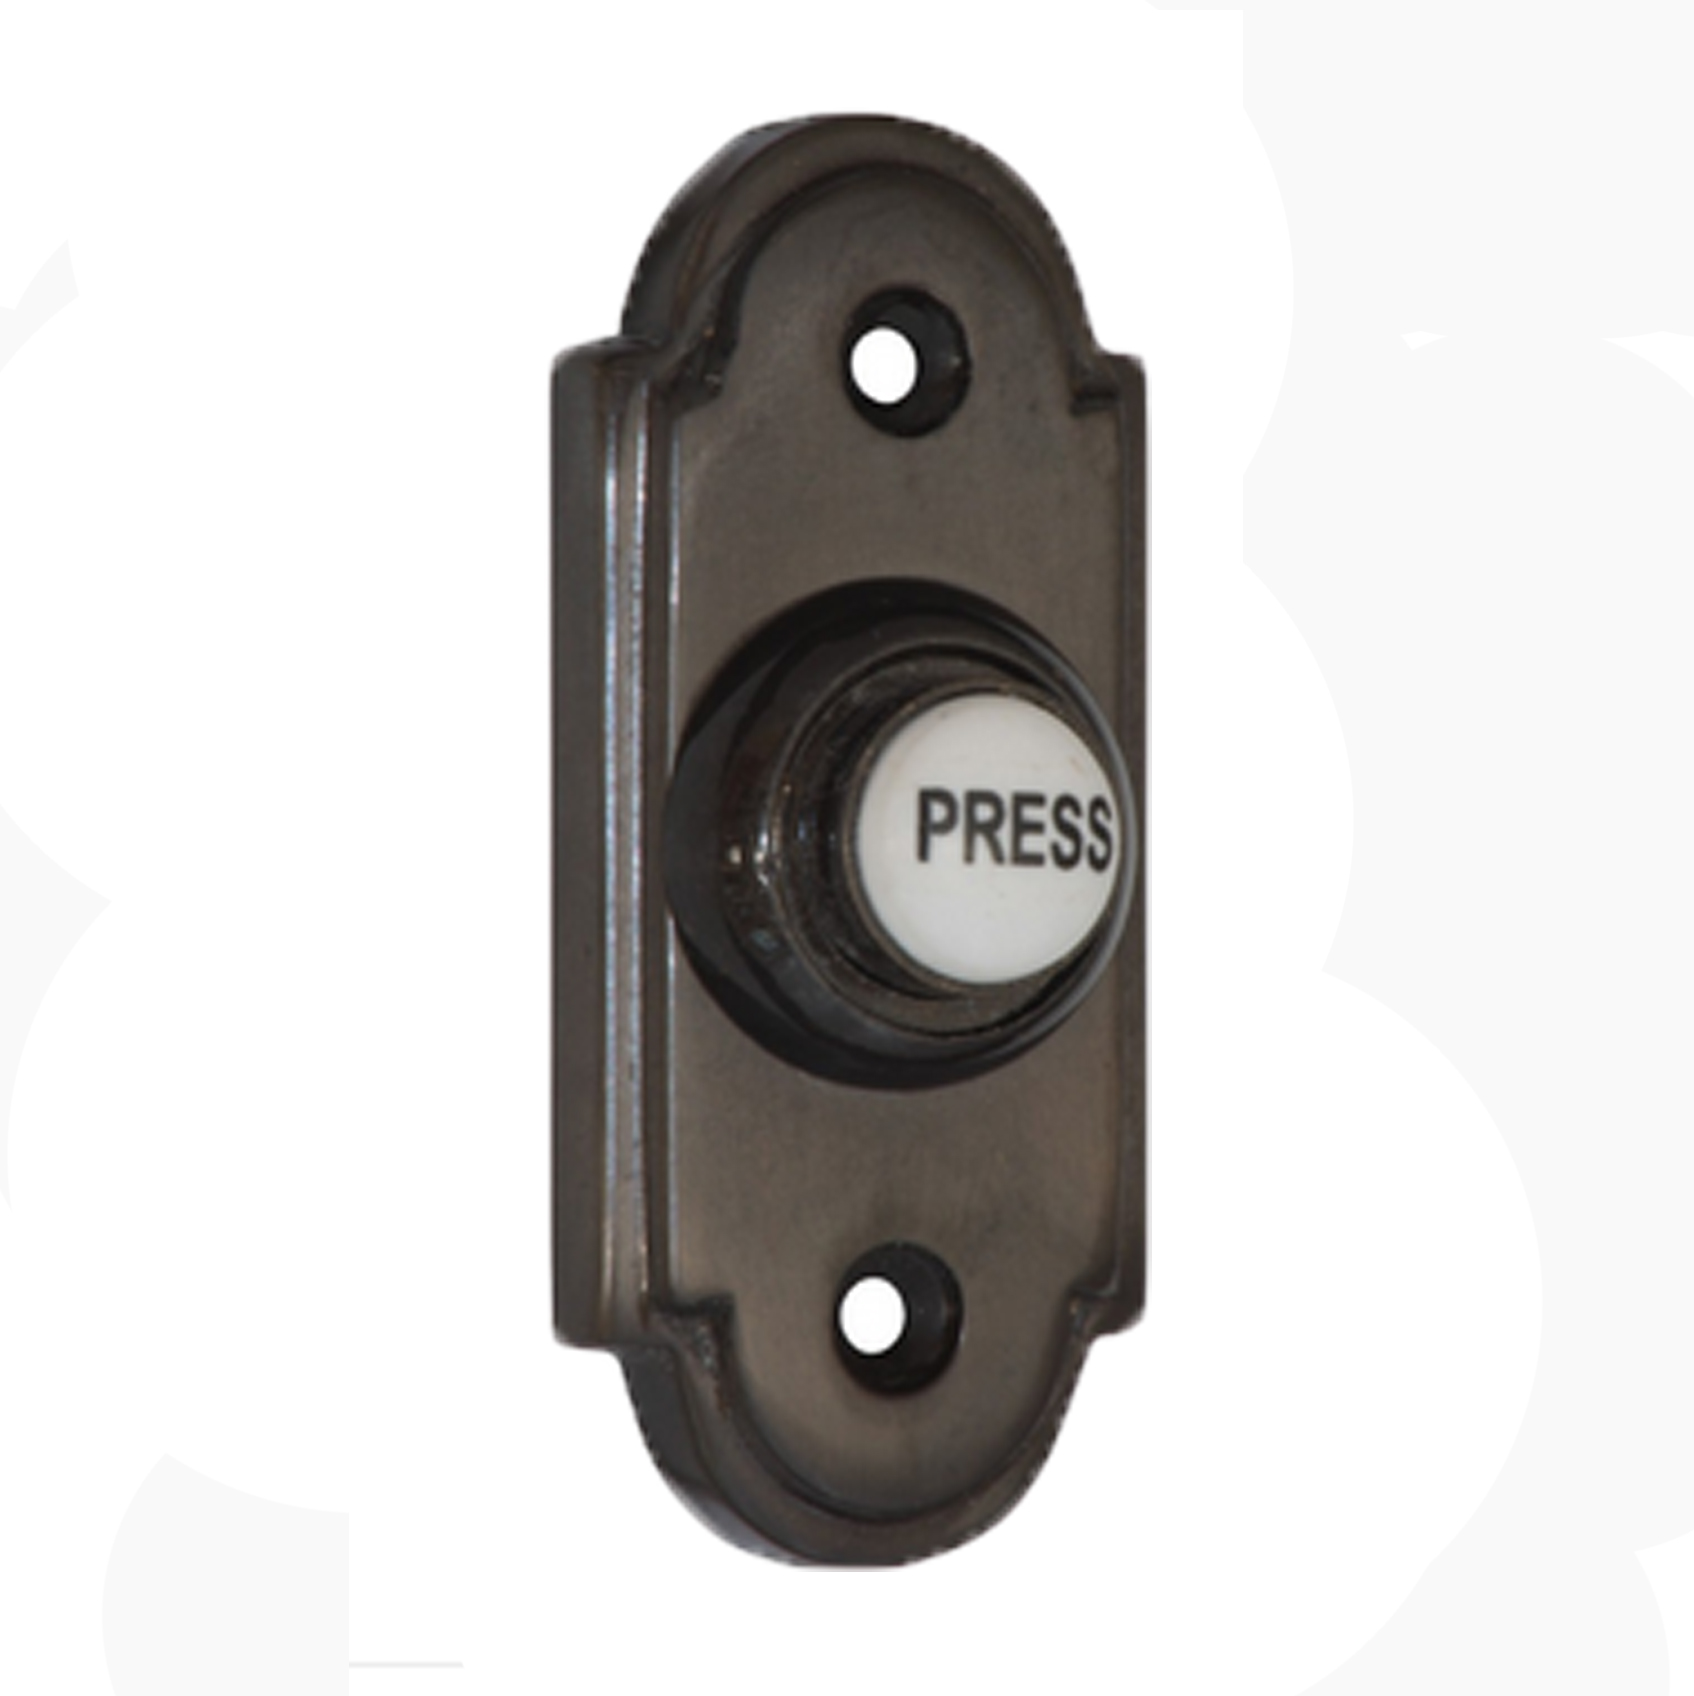 trident-black-metal-doorbell-copy